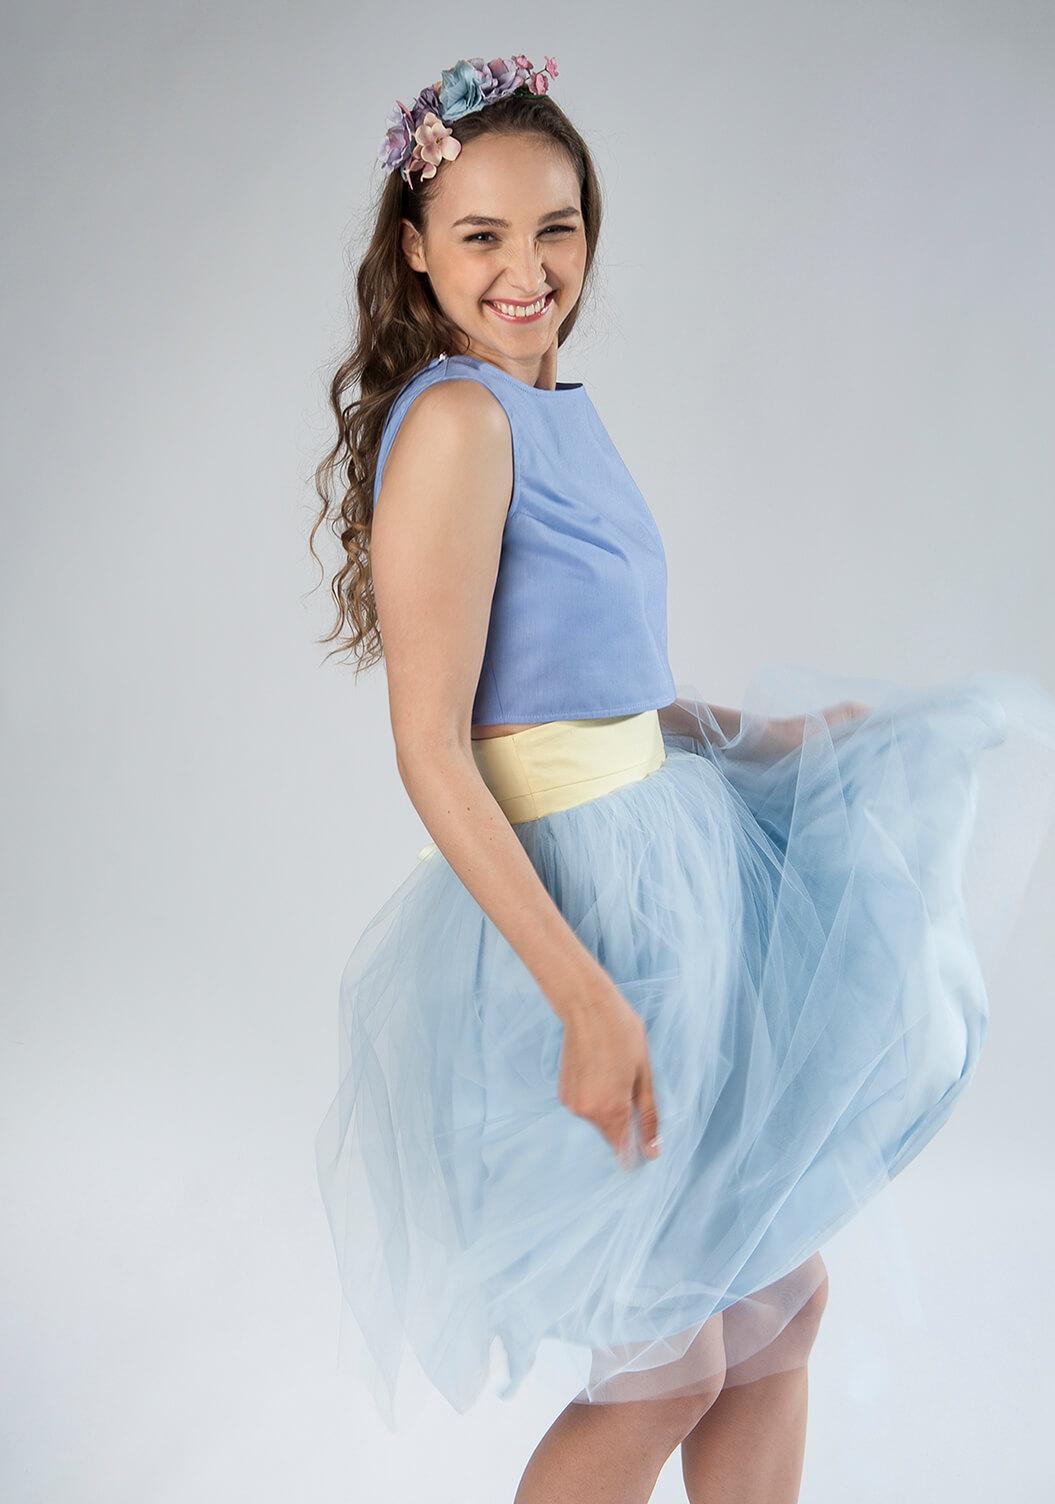 błękitna spódnica tiulowa z bawełnianą podszewką